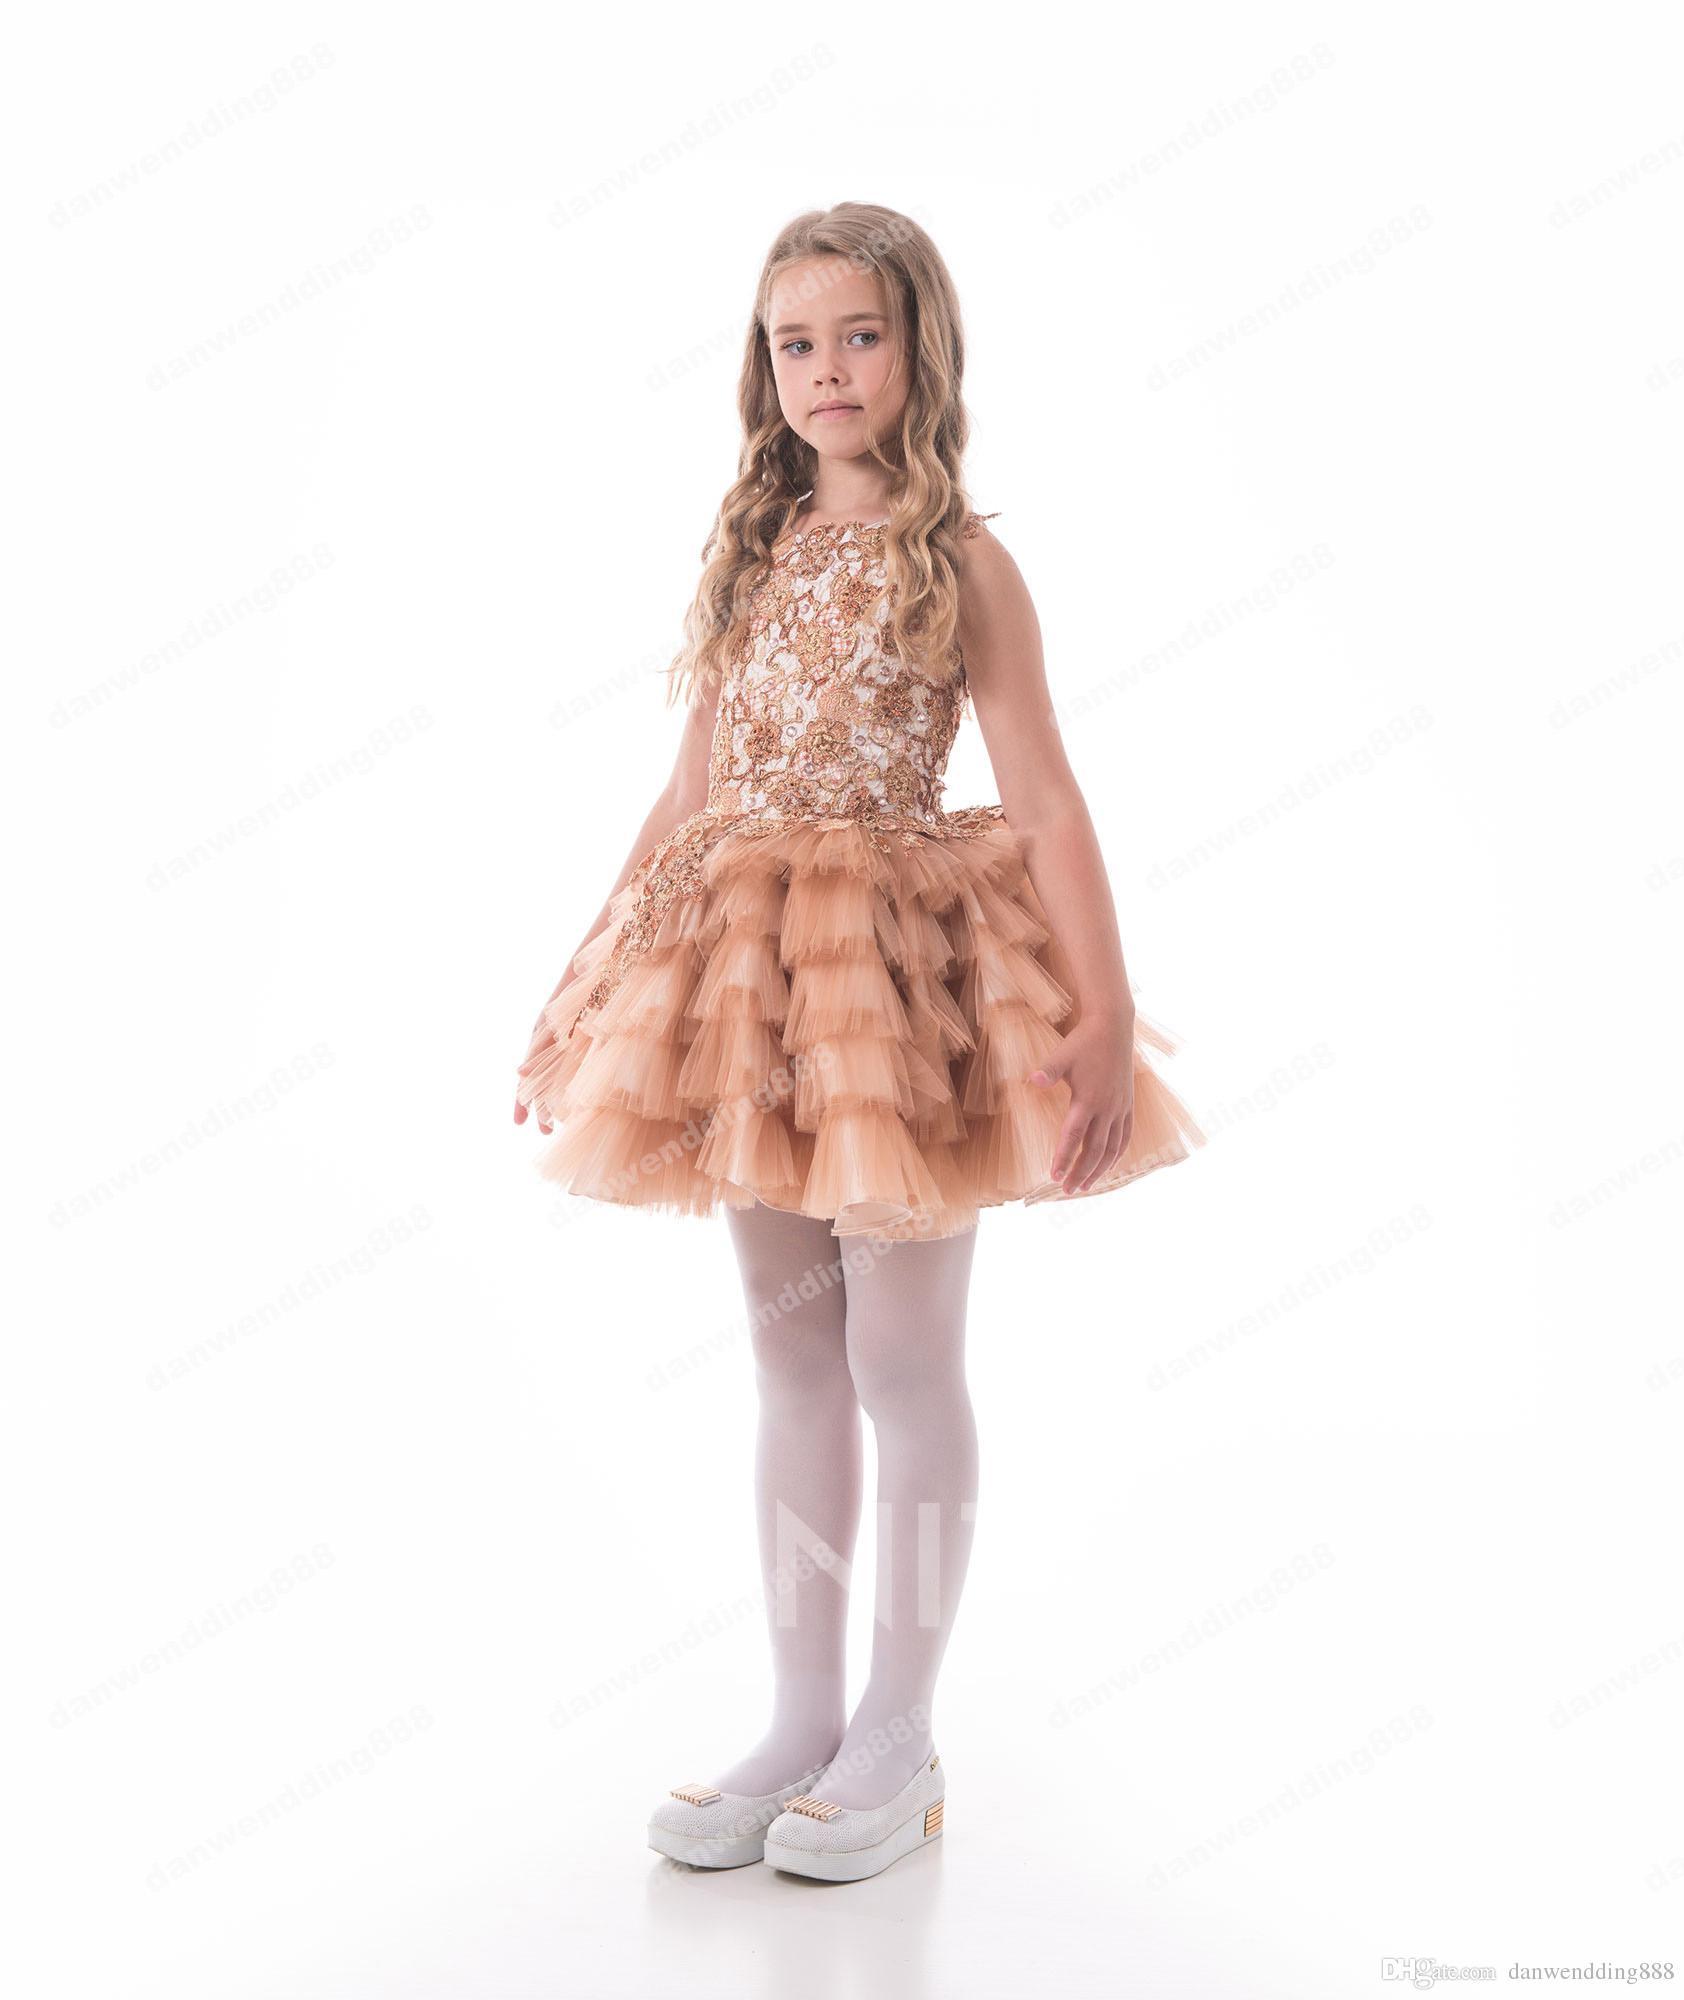 Beauty Champagne Tulle Beads Short Flower Girl Dresses